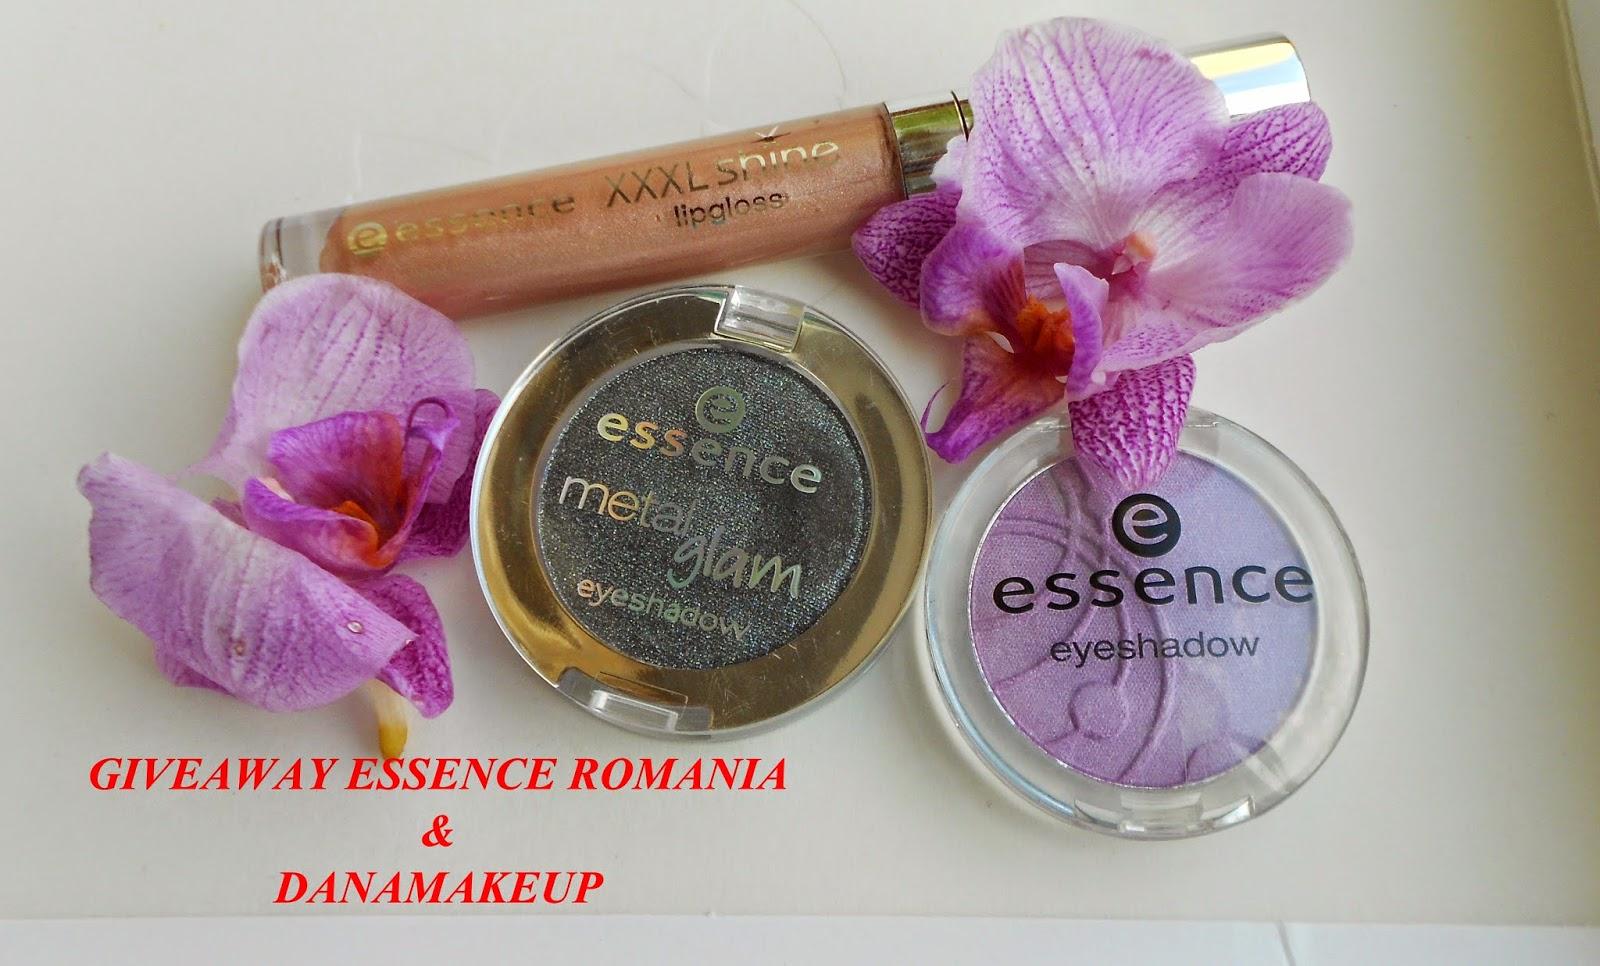 giveaway-essence-danamakeup